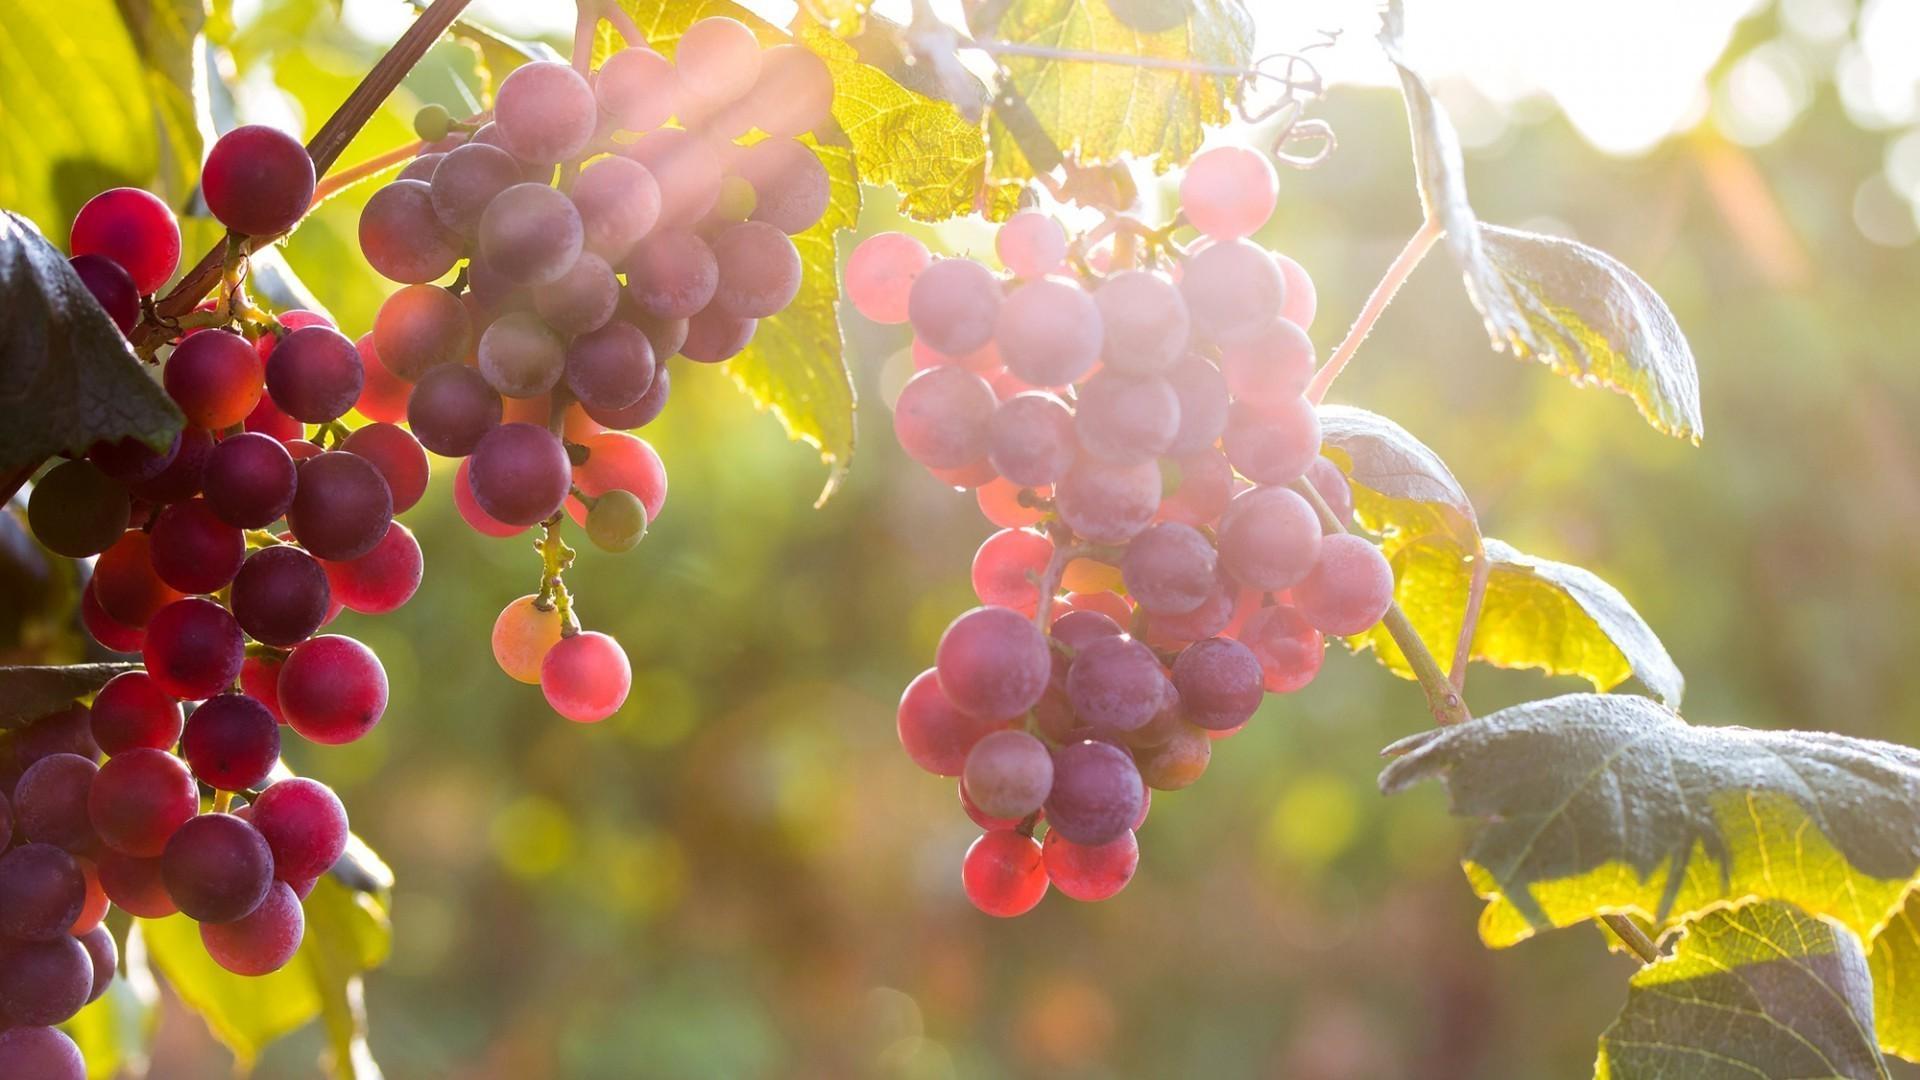 природа виноград еда без регистрации